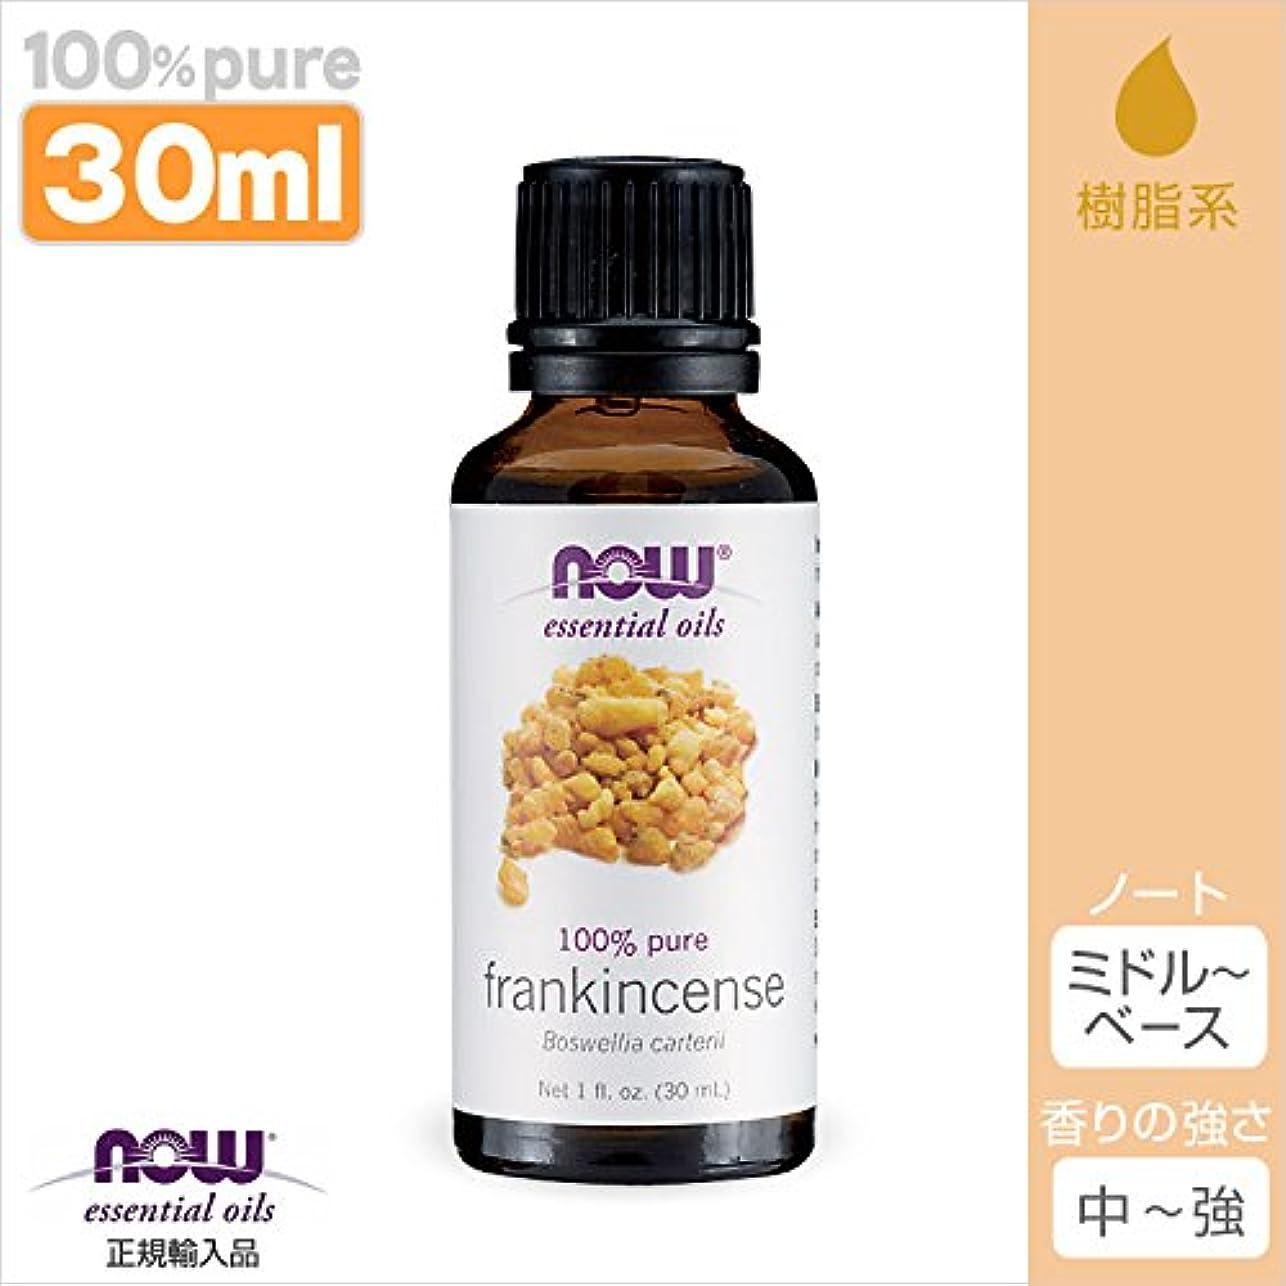 ジムサポートブレイズフランキンセンス 精油[30ml]  【正規輸入品】 NOWエッセンシャルオイル(アロマオイル)